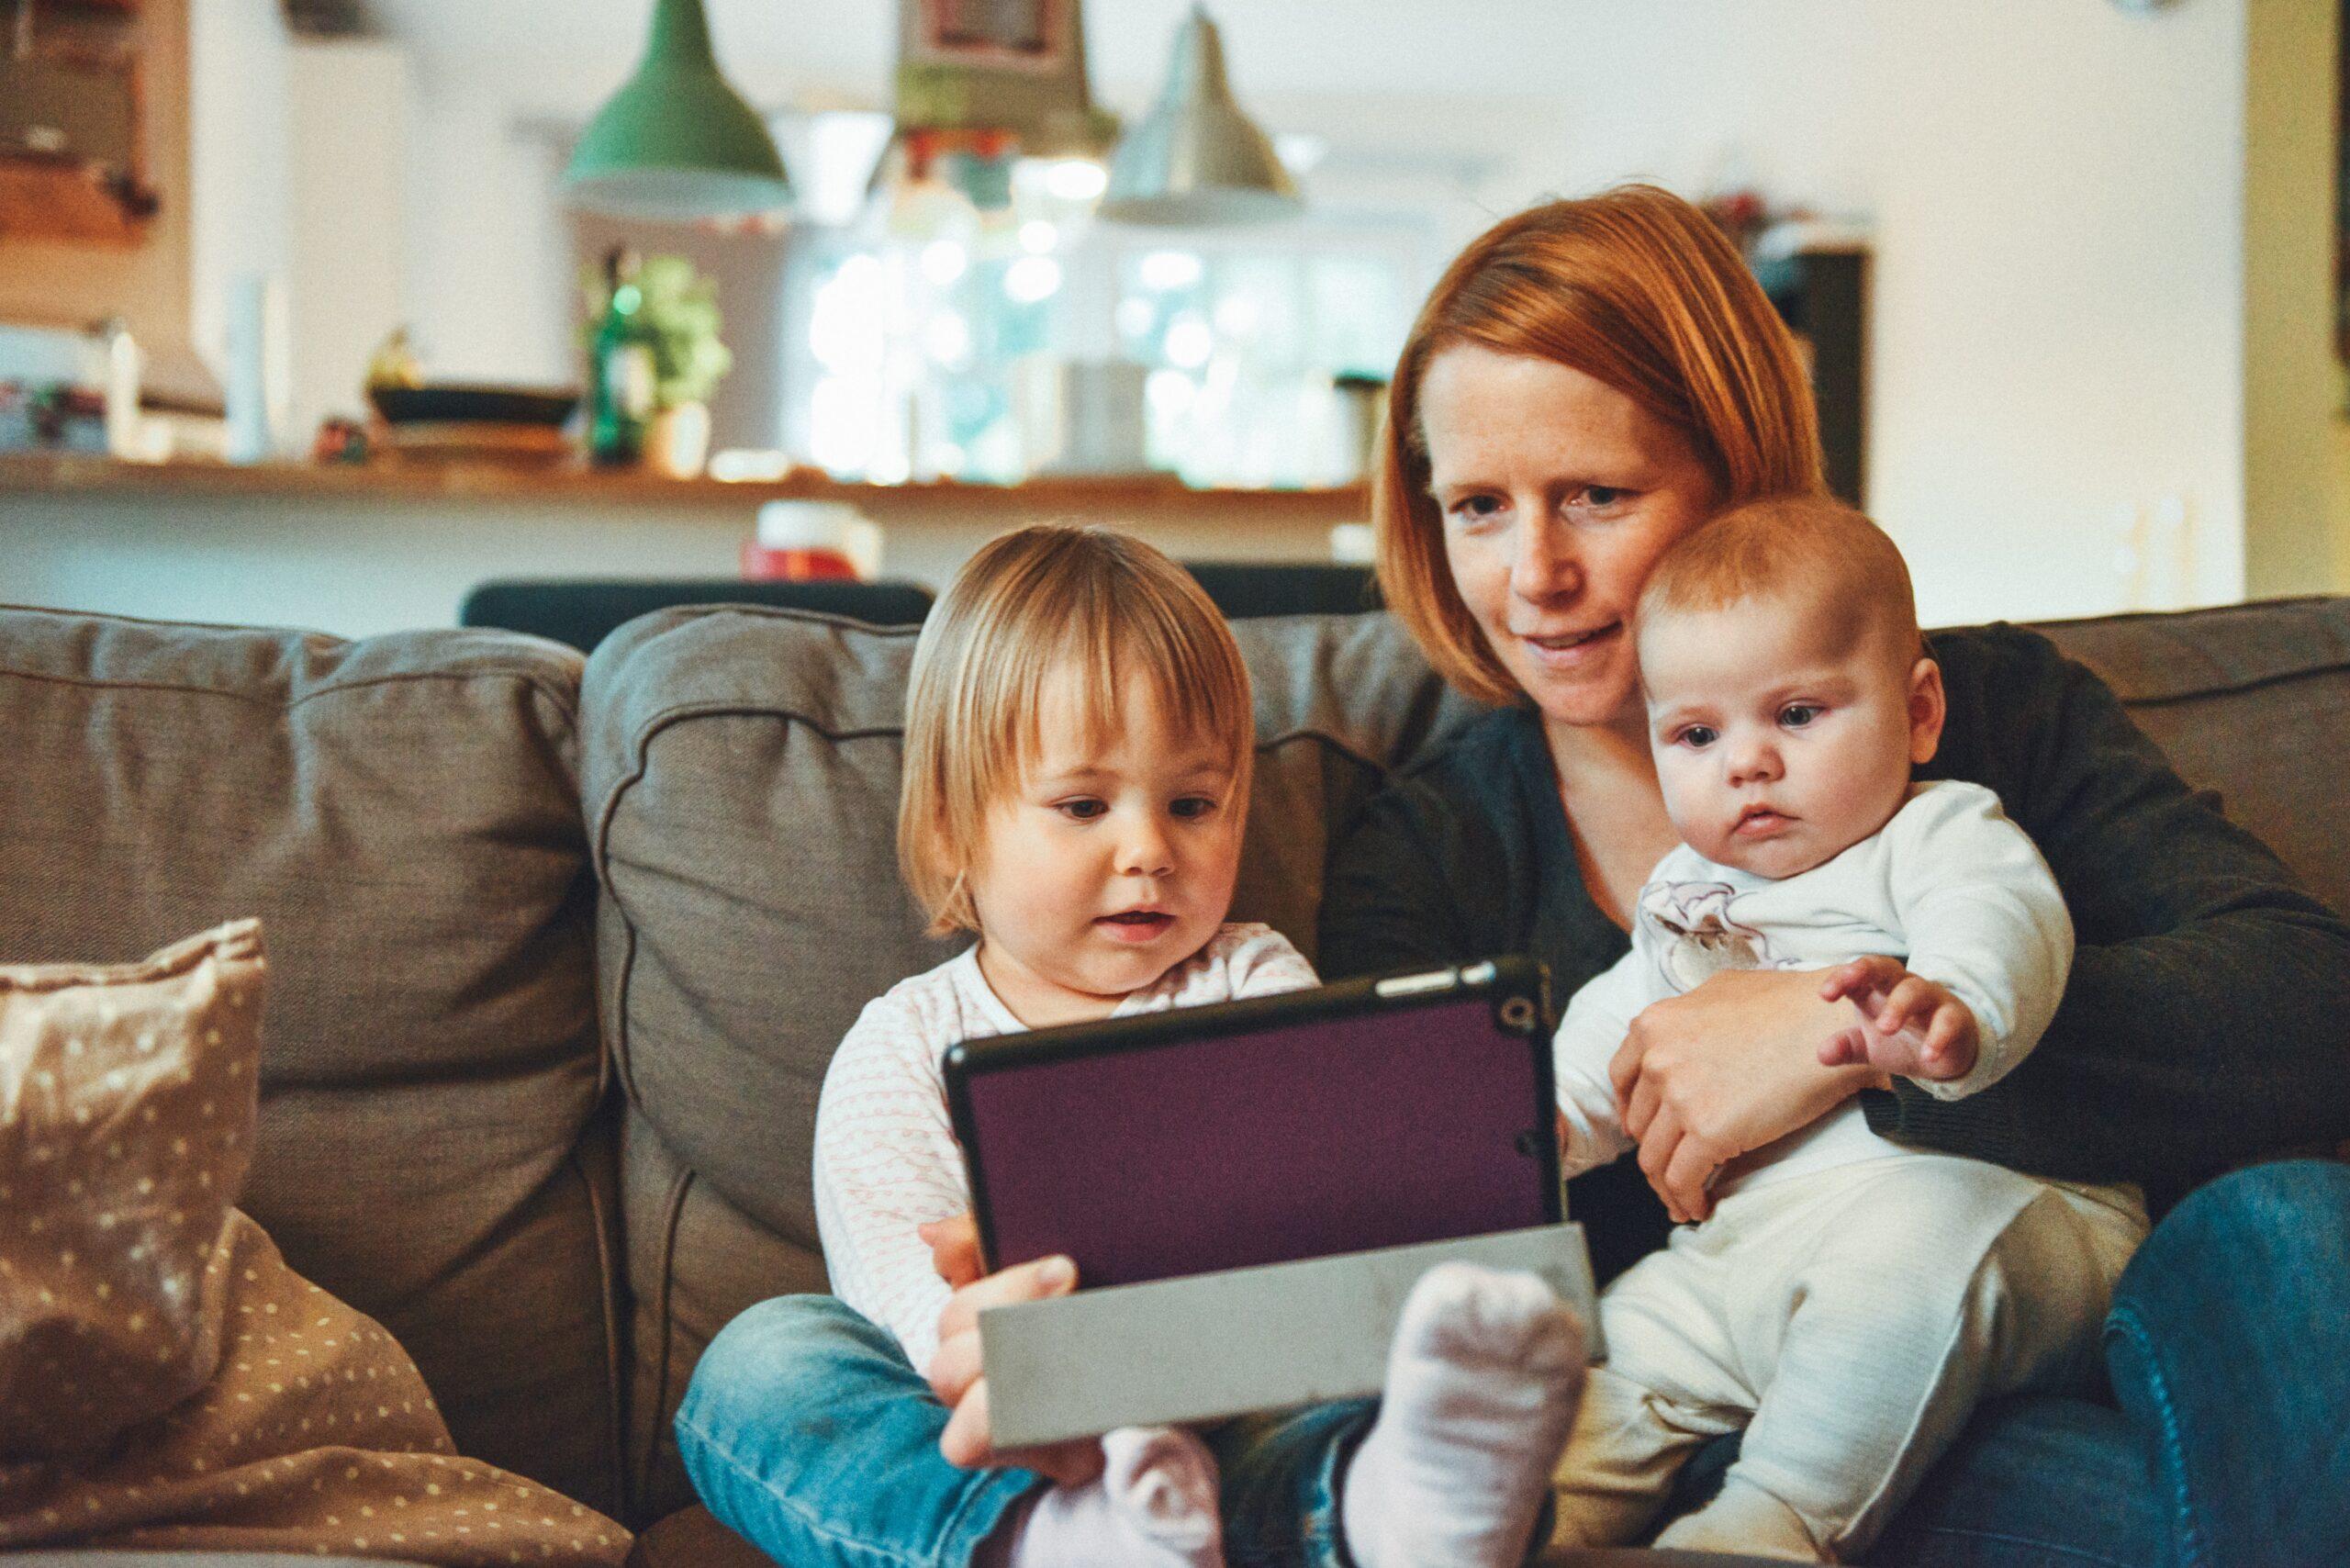 Социальные навыки в раннем детстве для построения здоровых взаимоотношений и общего благополучия ребенка